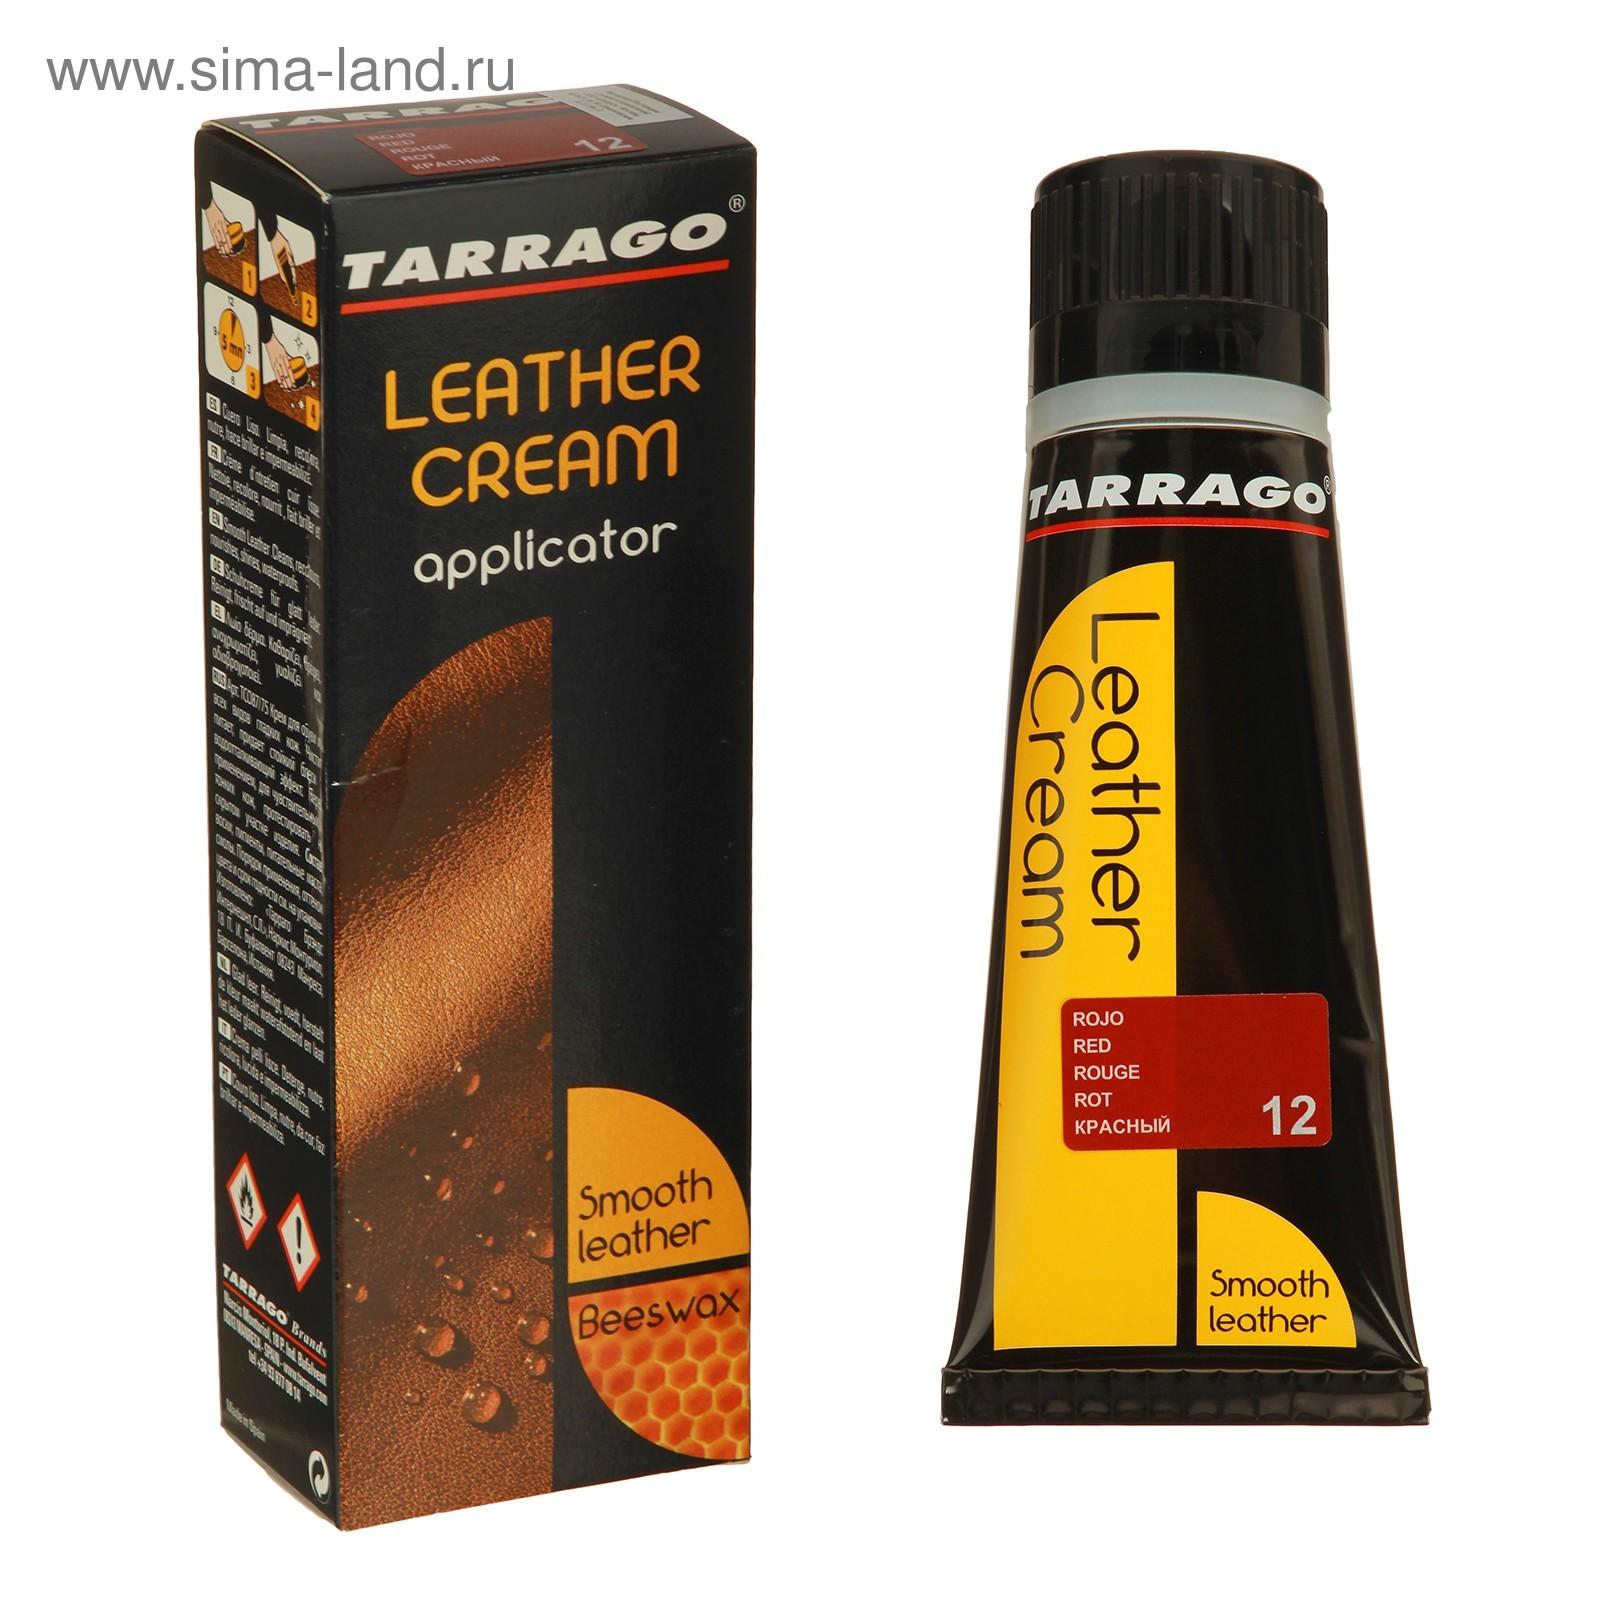 93d59eb5 Крем для обуви Tarrago Leather Cream 012, ТС087/75-012, Красный ...